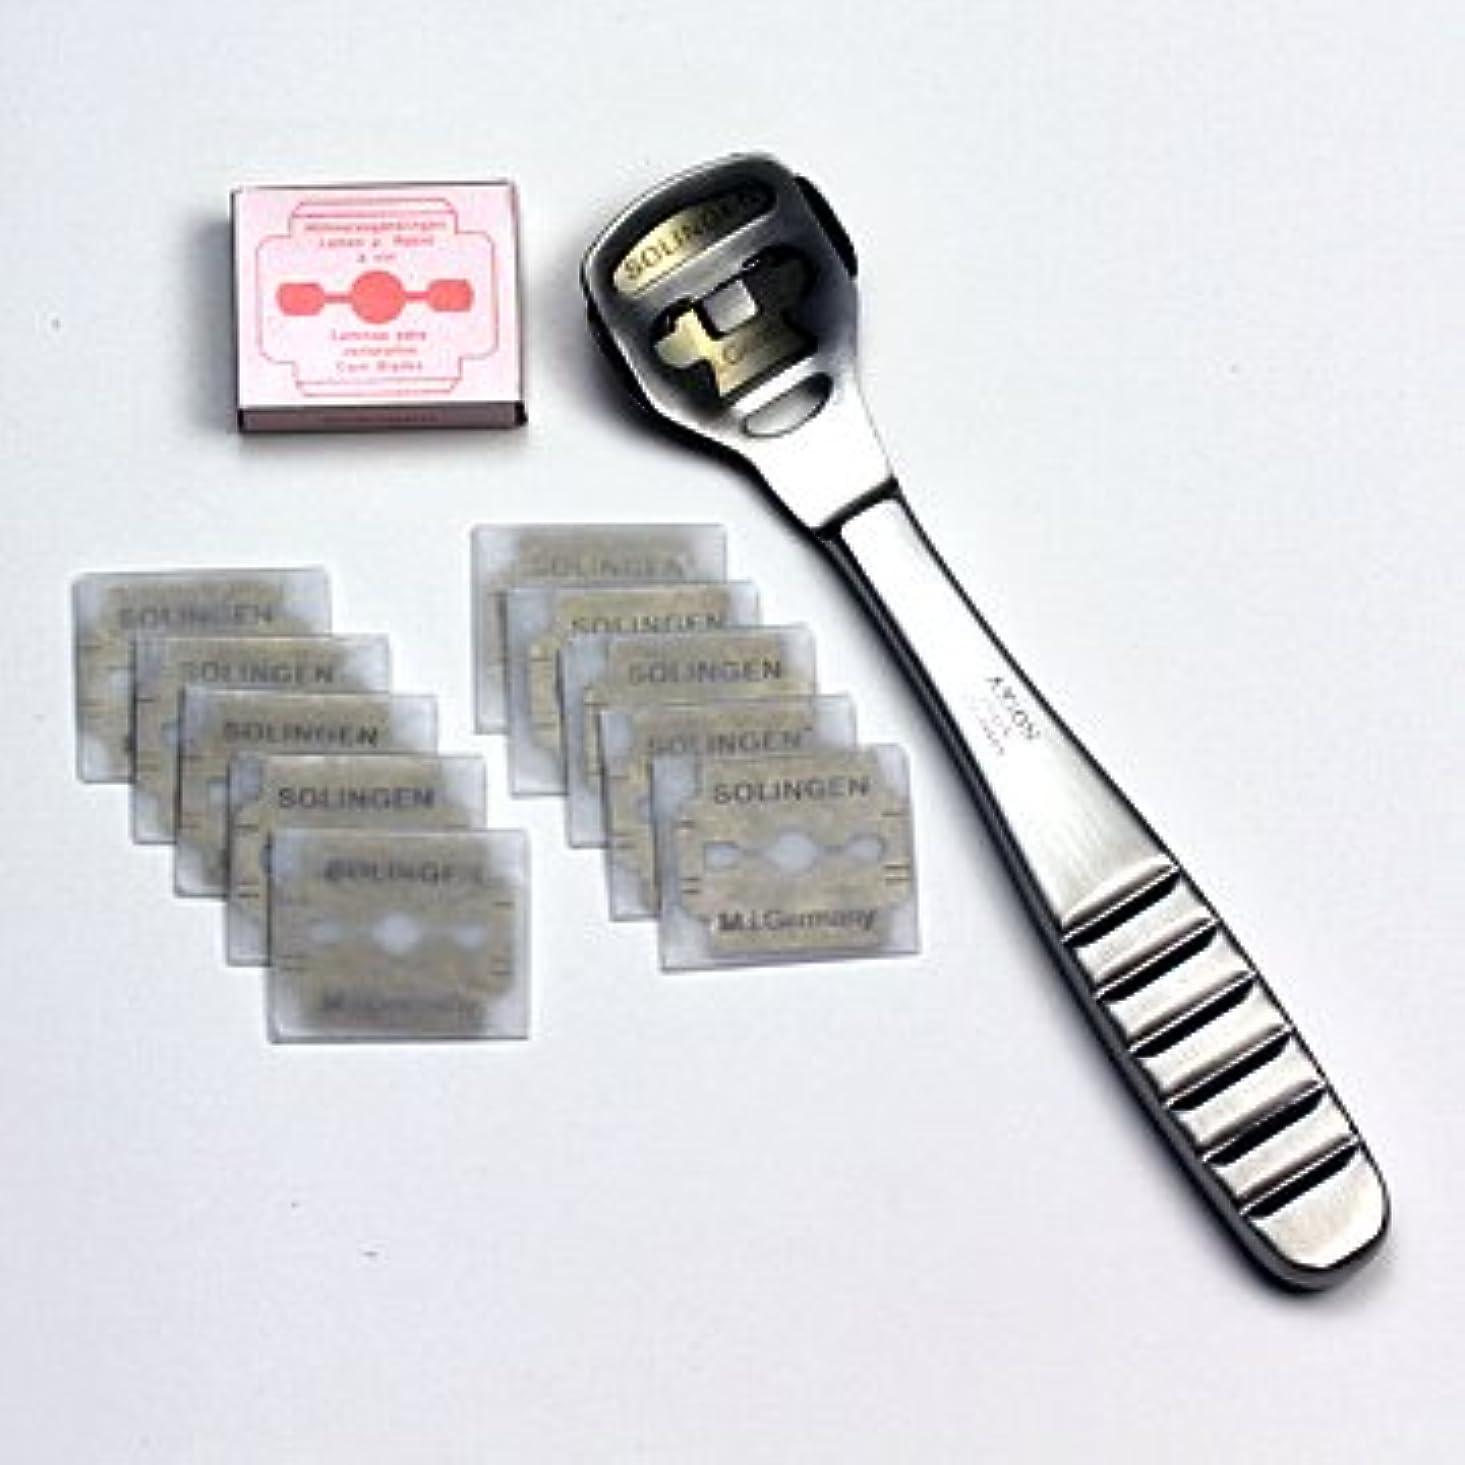 放射能安定しましたチップドイツ?ゾーリンゲン AXiON(アクシオン)ステンレス製かかと削り器(ゾーリンゲン製替刃11枚付)#slg008964fba